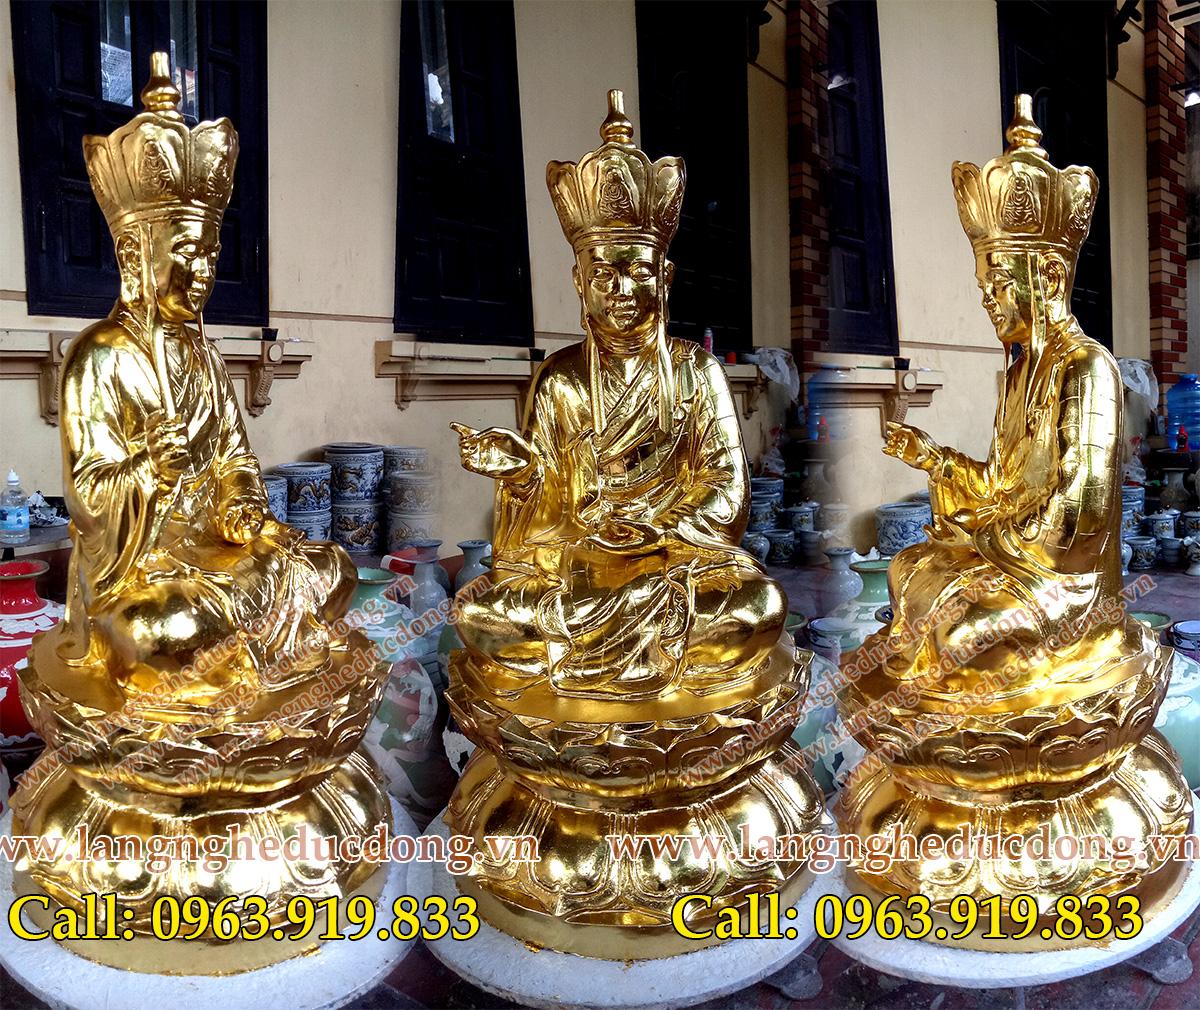 langngheducdong.vn - tượng phật, tượng địa tạng, tượng địa tạng bằng đồng dát vàng